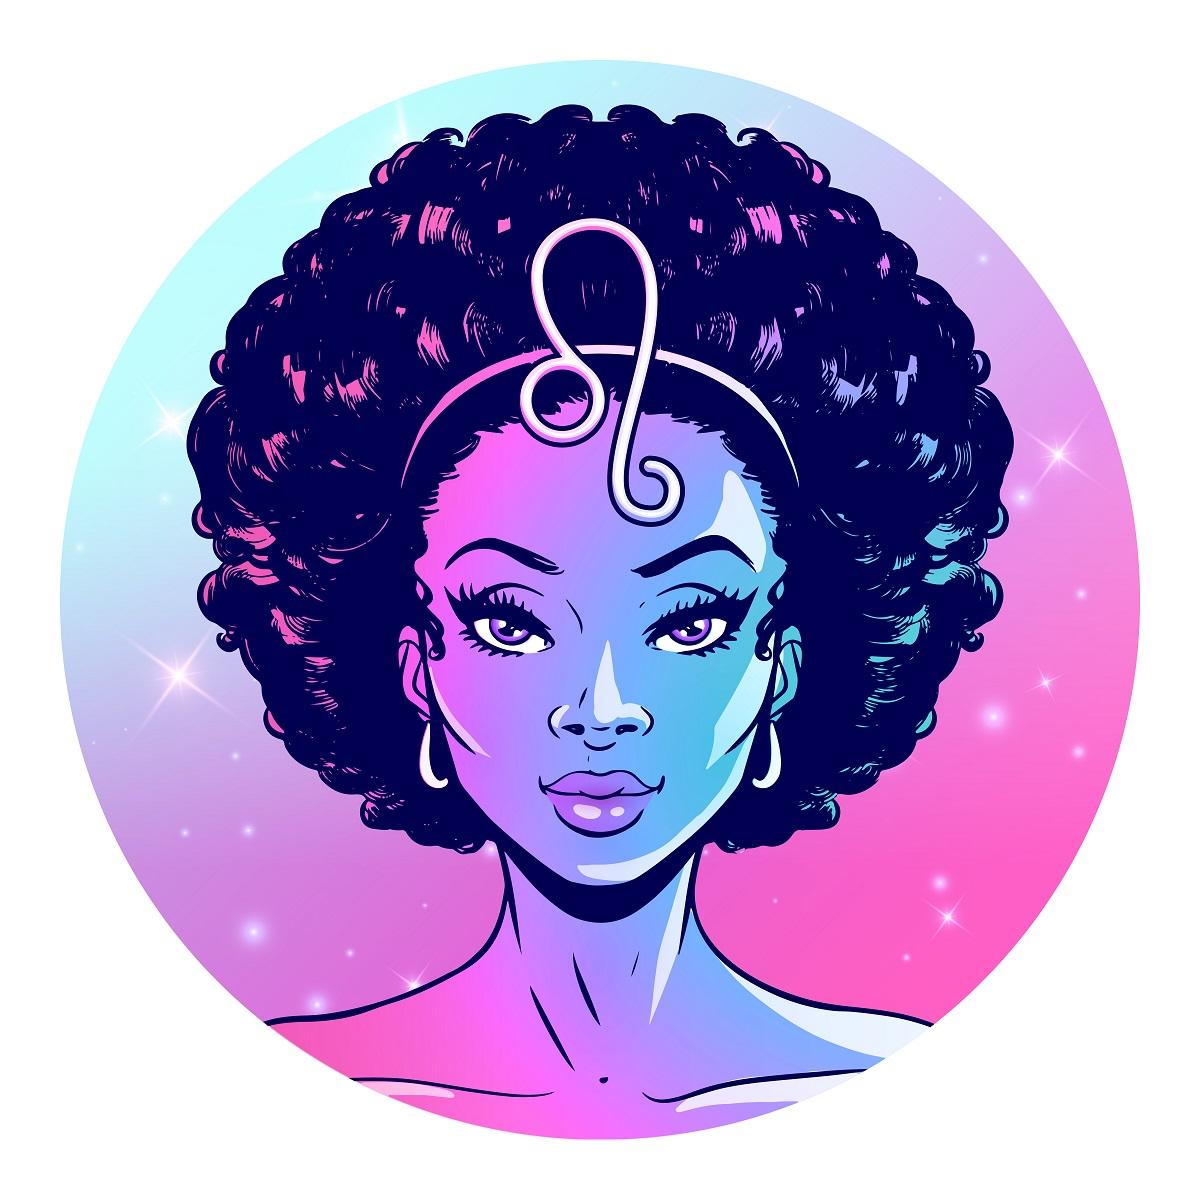 O femeie cu părul afro în timp ce are pe frunte semnul zodiacal pentru Leu